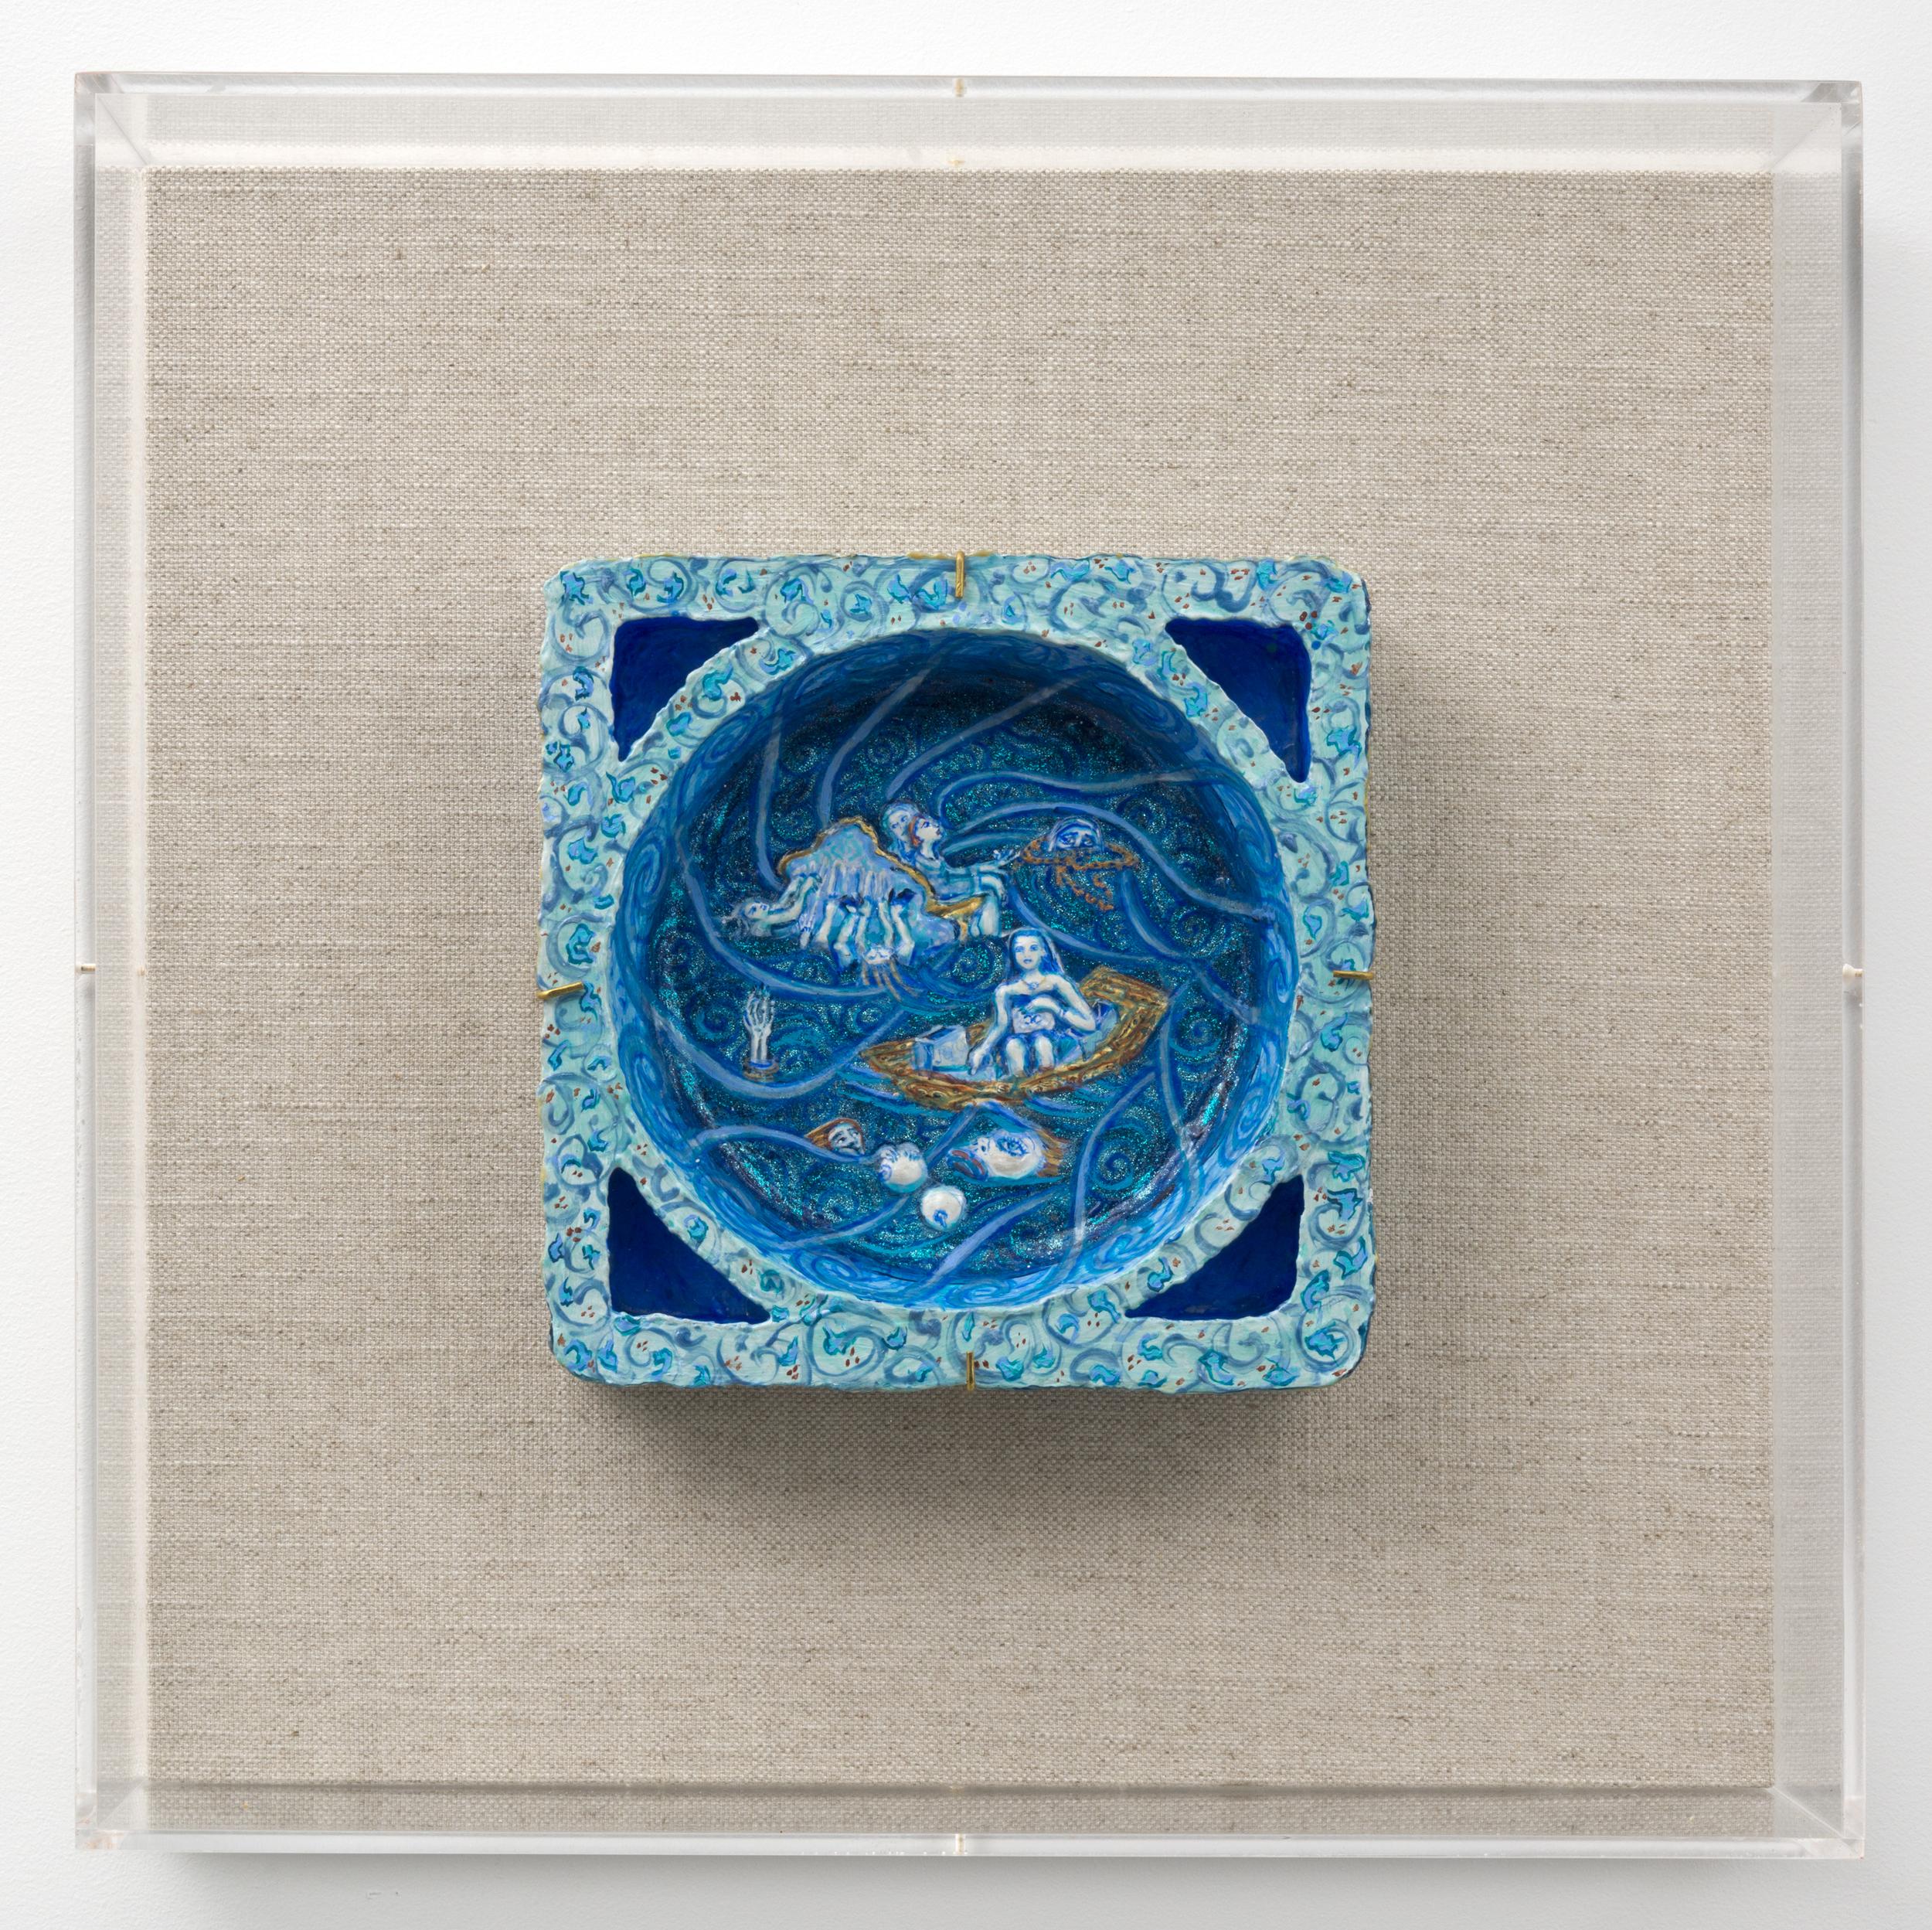 Ahkami_Negar.Fragment_1.gesso_acrylic_and_glitter_on_found_styrofoam.9.5x9.5x2.25%22(unframed).2012.Framed_Image.jpg